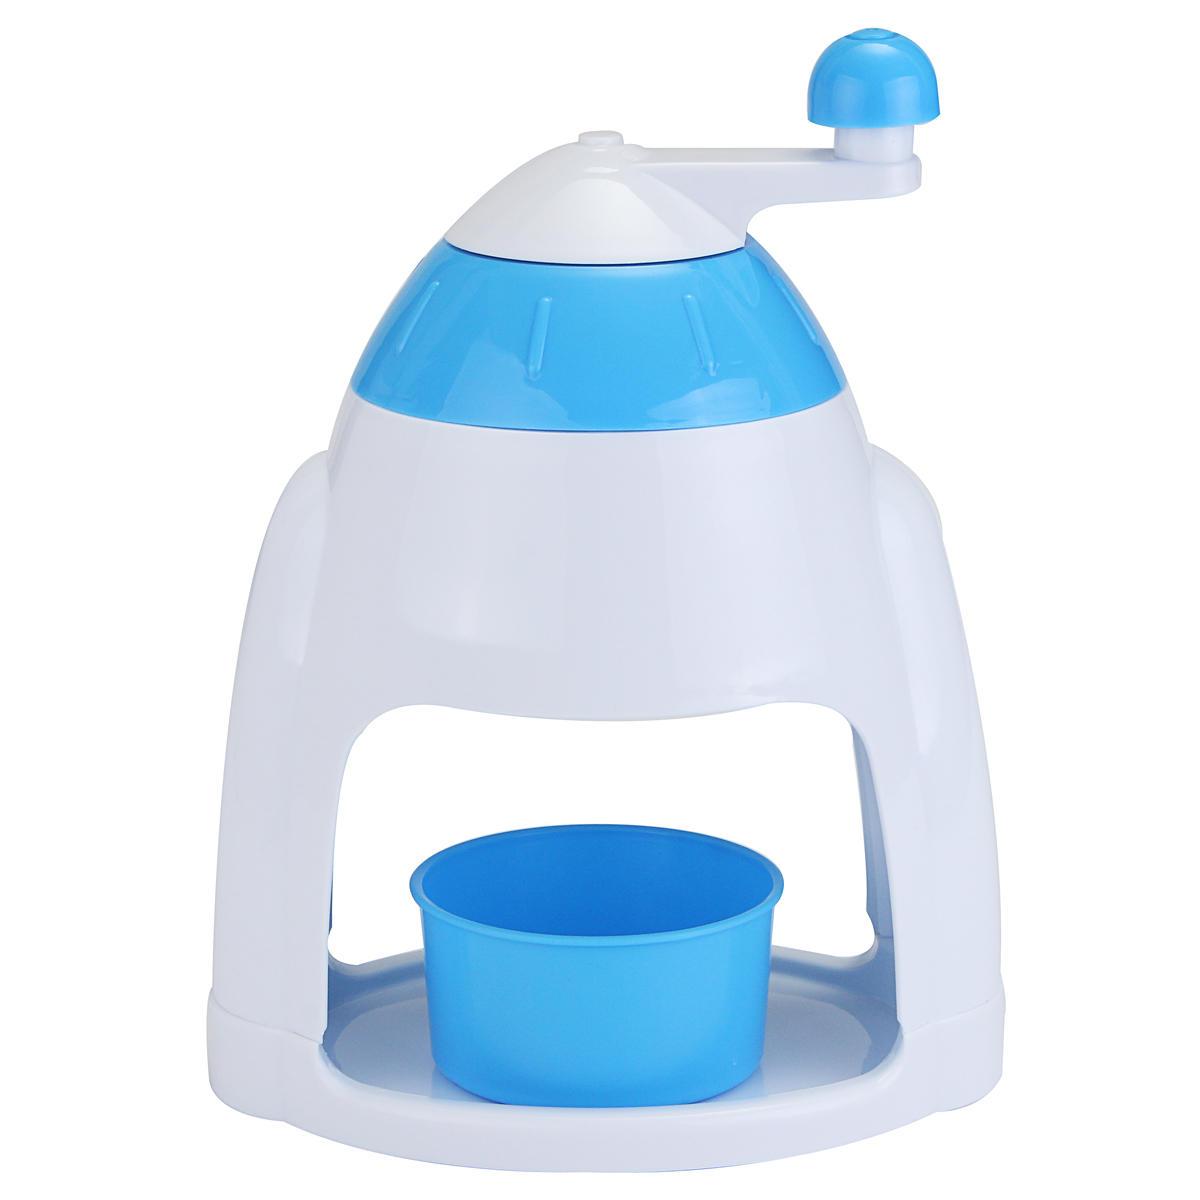 휴대용 핸드 크랭크 수동 얼음 분쇄기 면도기 스노우 콘 제조기 기계 주방 기기 파쇄